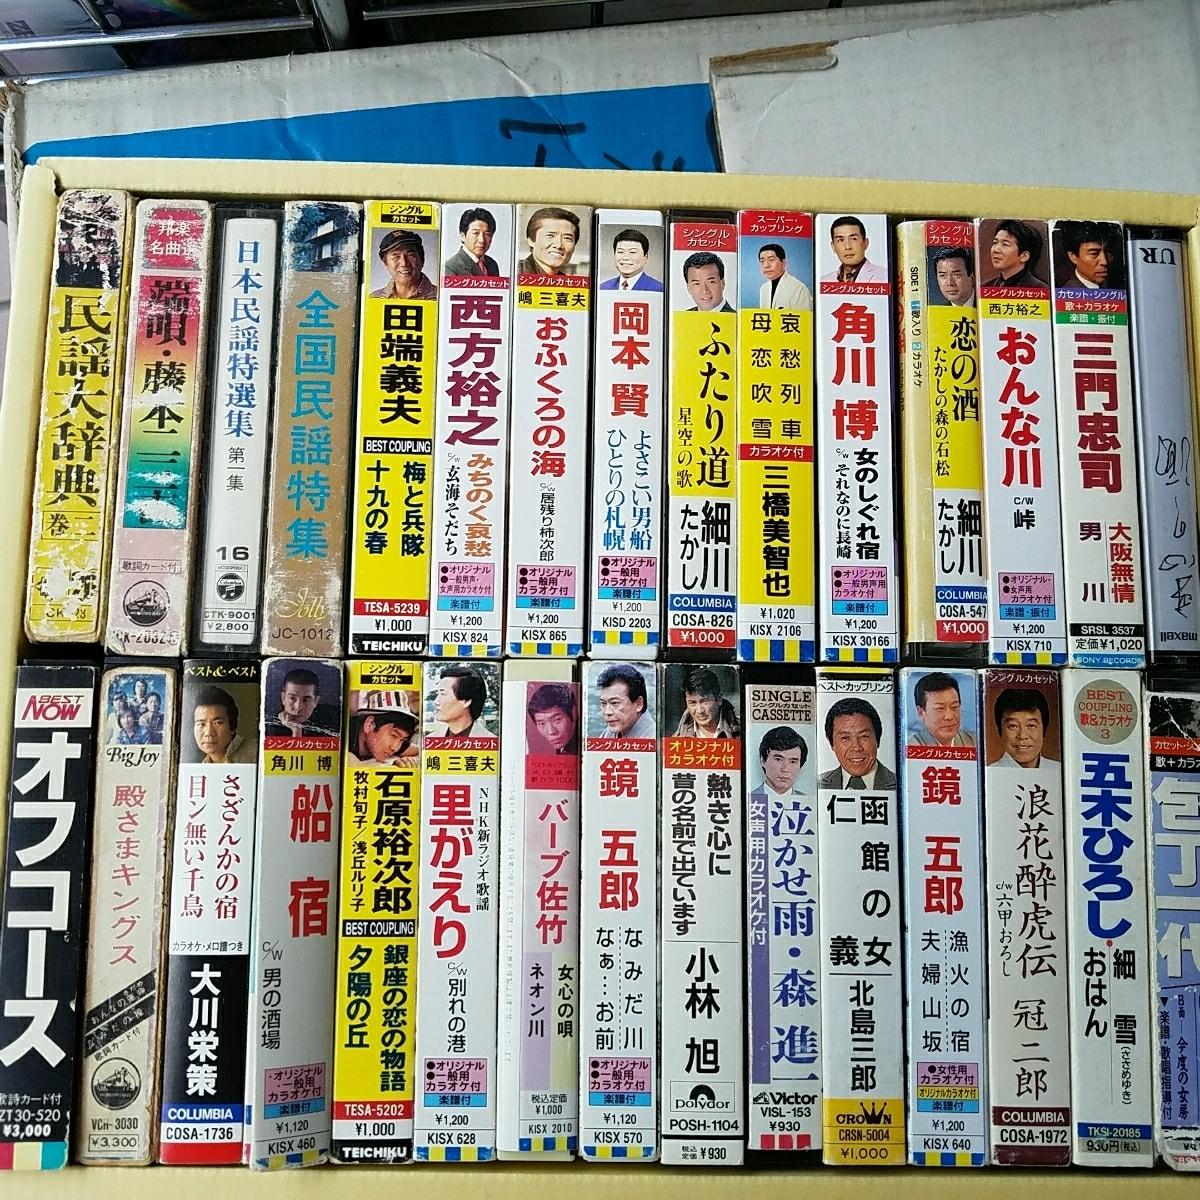 【大量】 240本 お買い得 カセットテープ まとめて まとめ まとめ売り 主に 演歌 美空ひばり _画像4